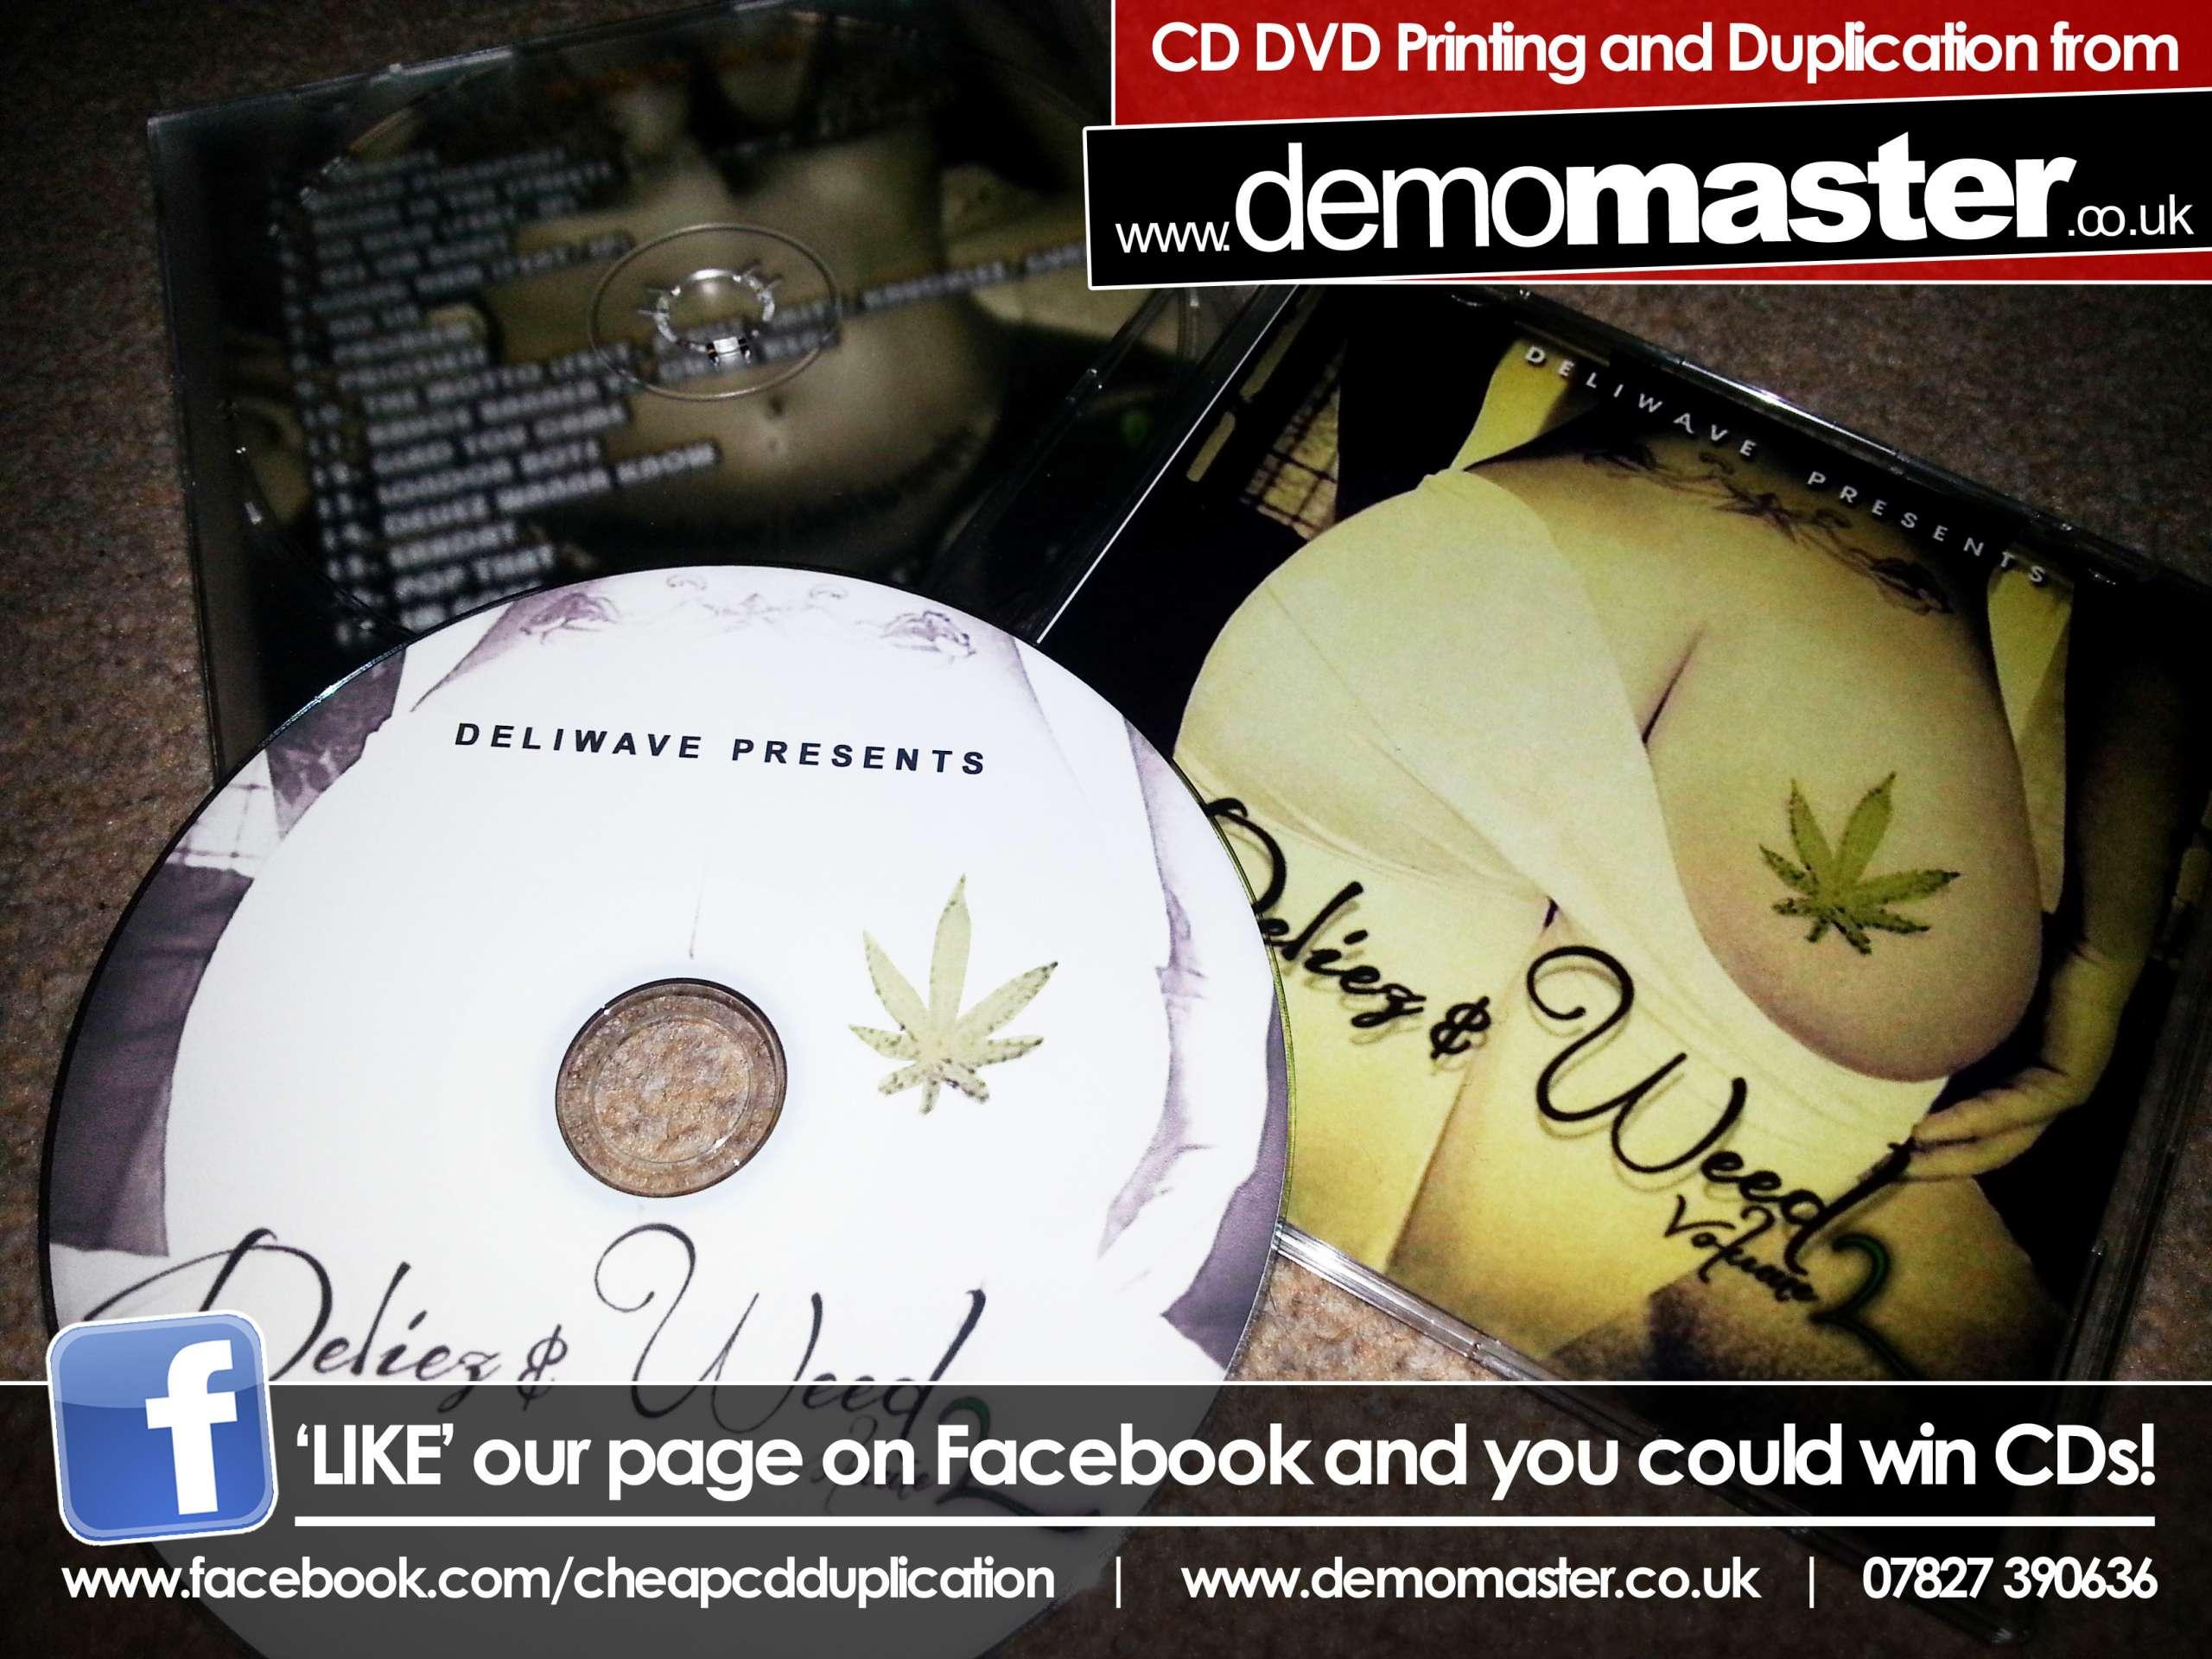 Deliwave presents Delies & Weed Volume 2